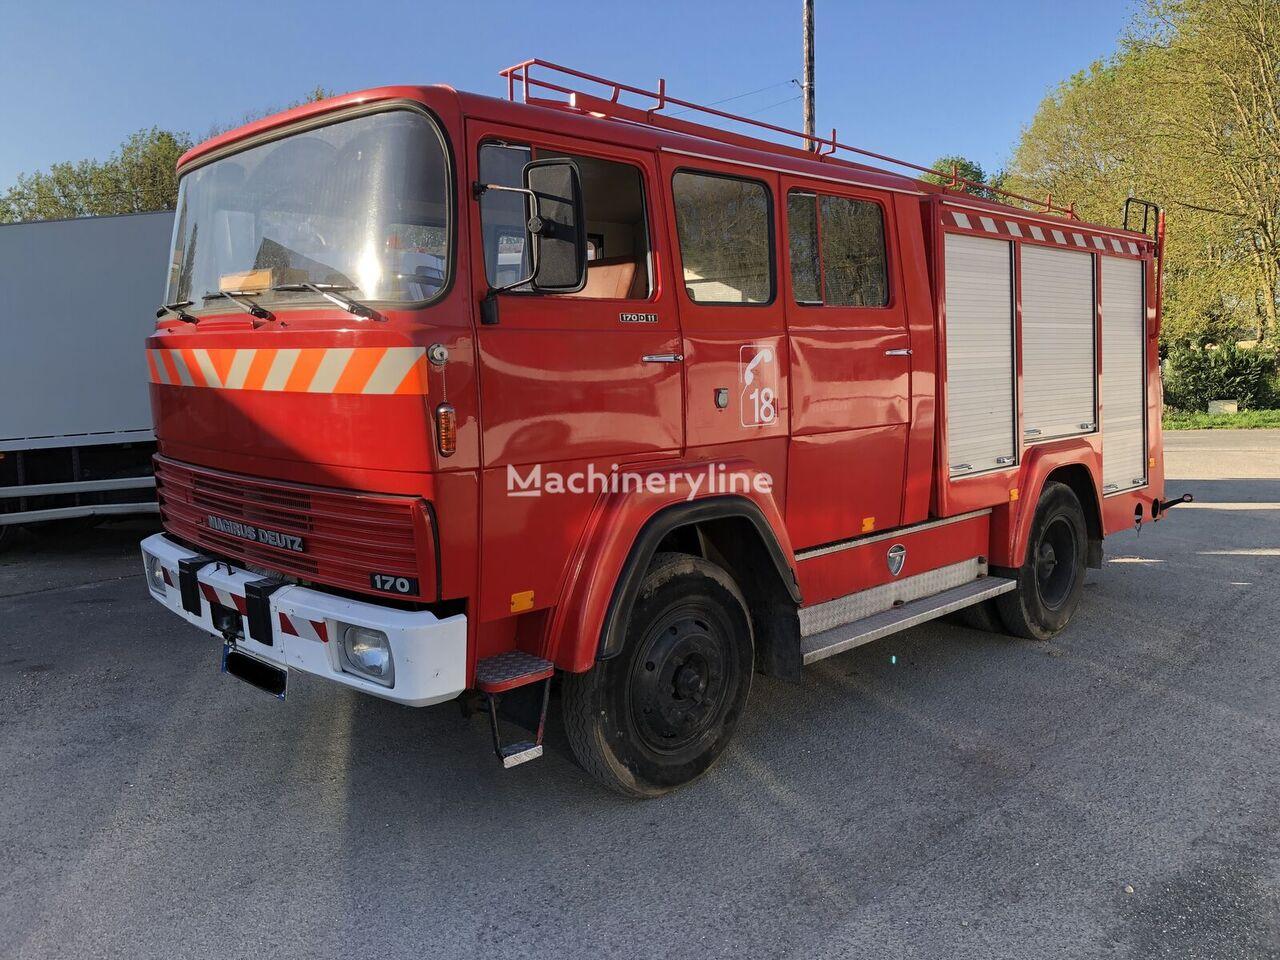 MAGIRUS-DEUTZ 170D19 fire truck